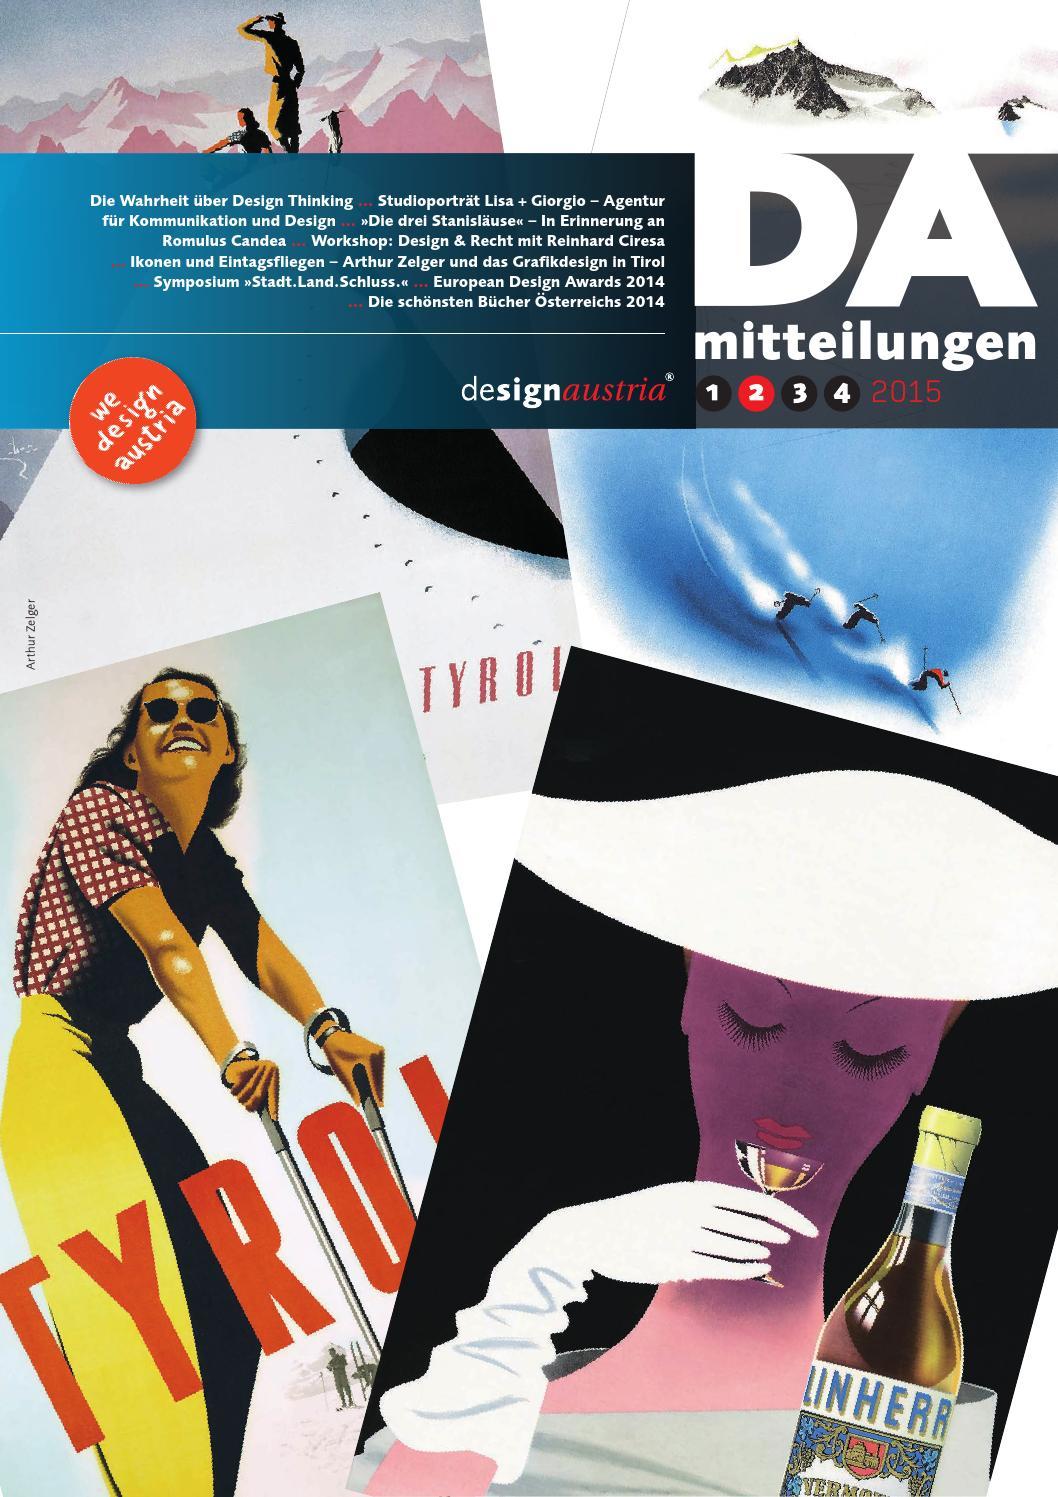 DA-Mitteilungen_2.2015 by designaustria - issuu